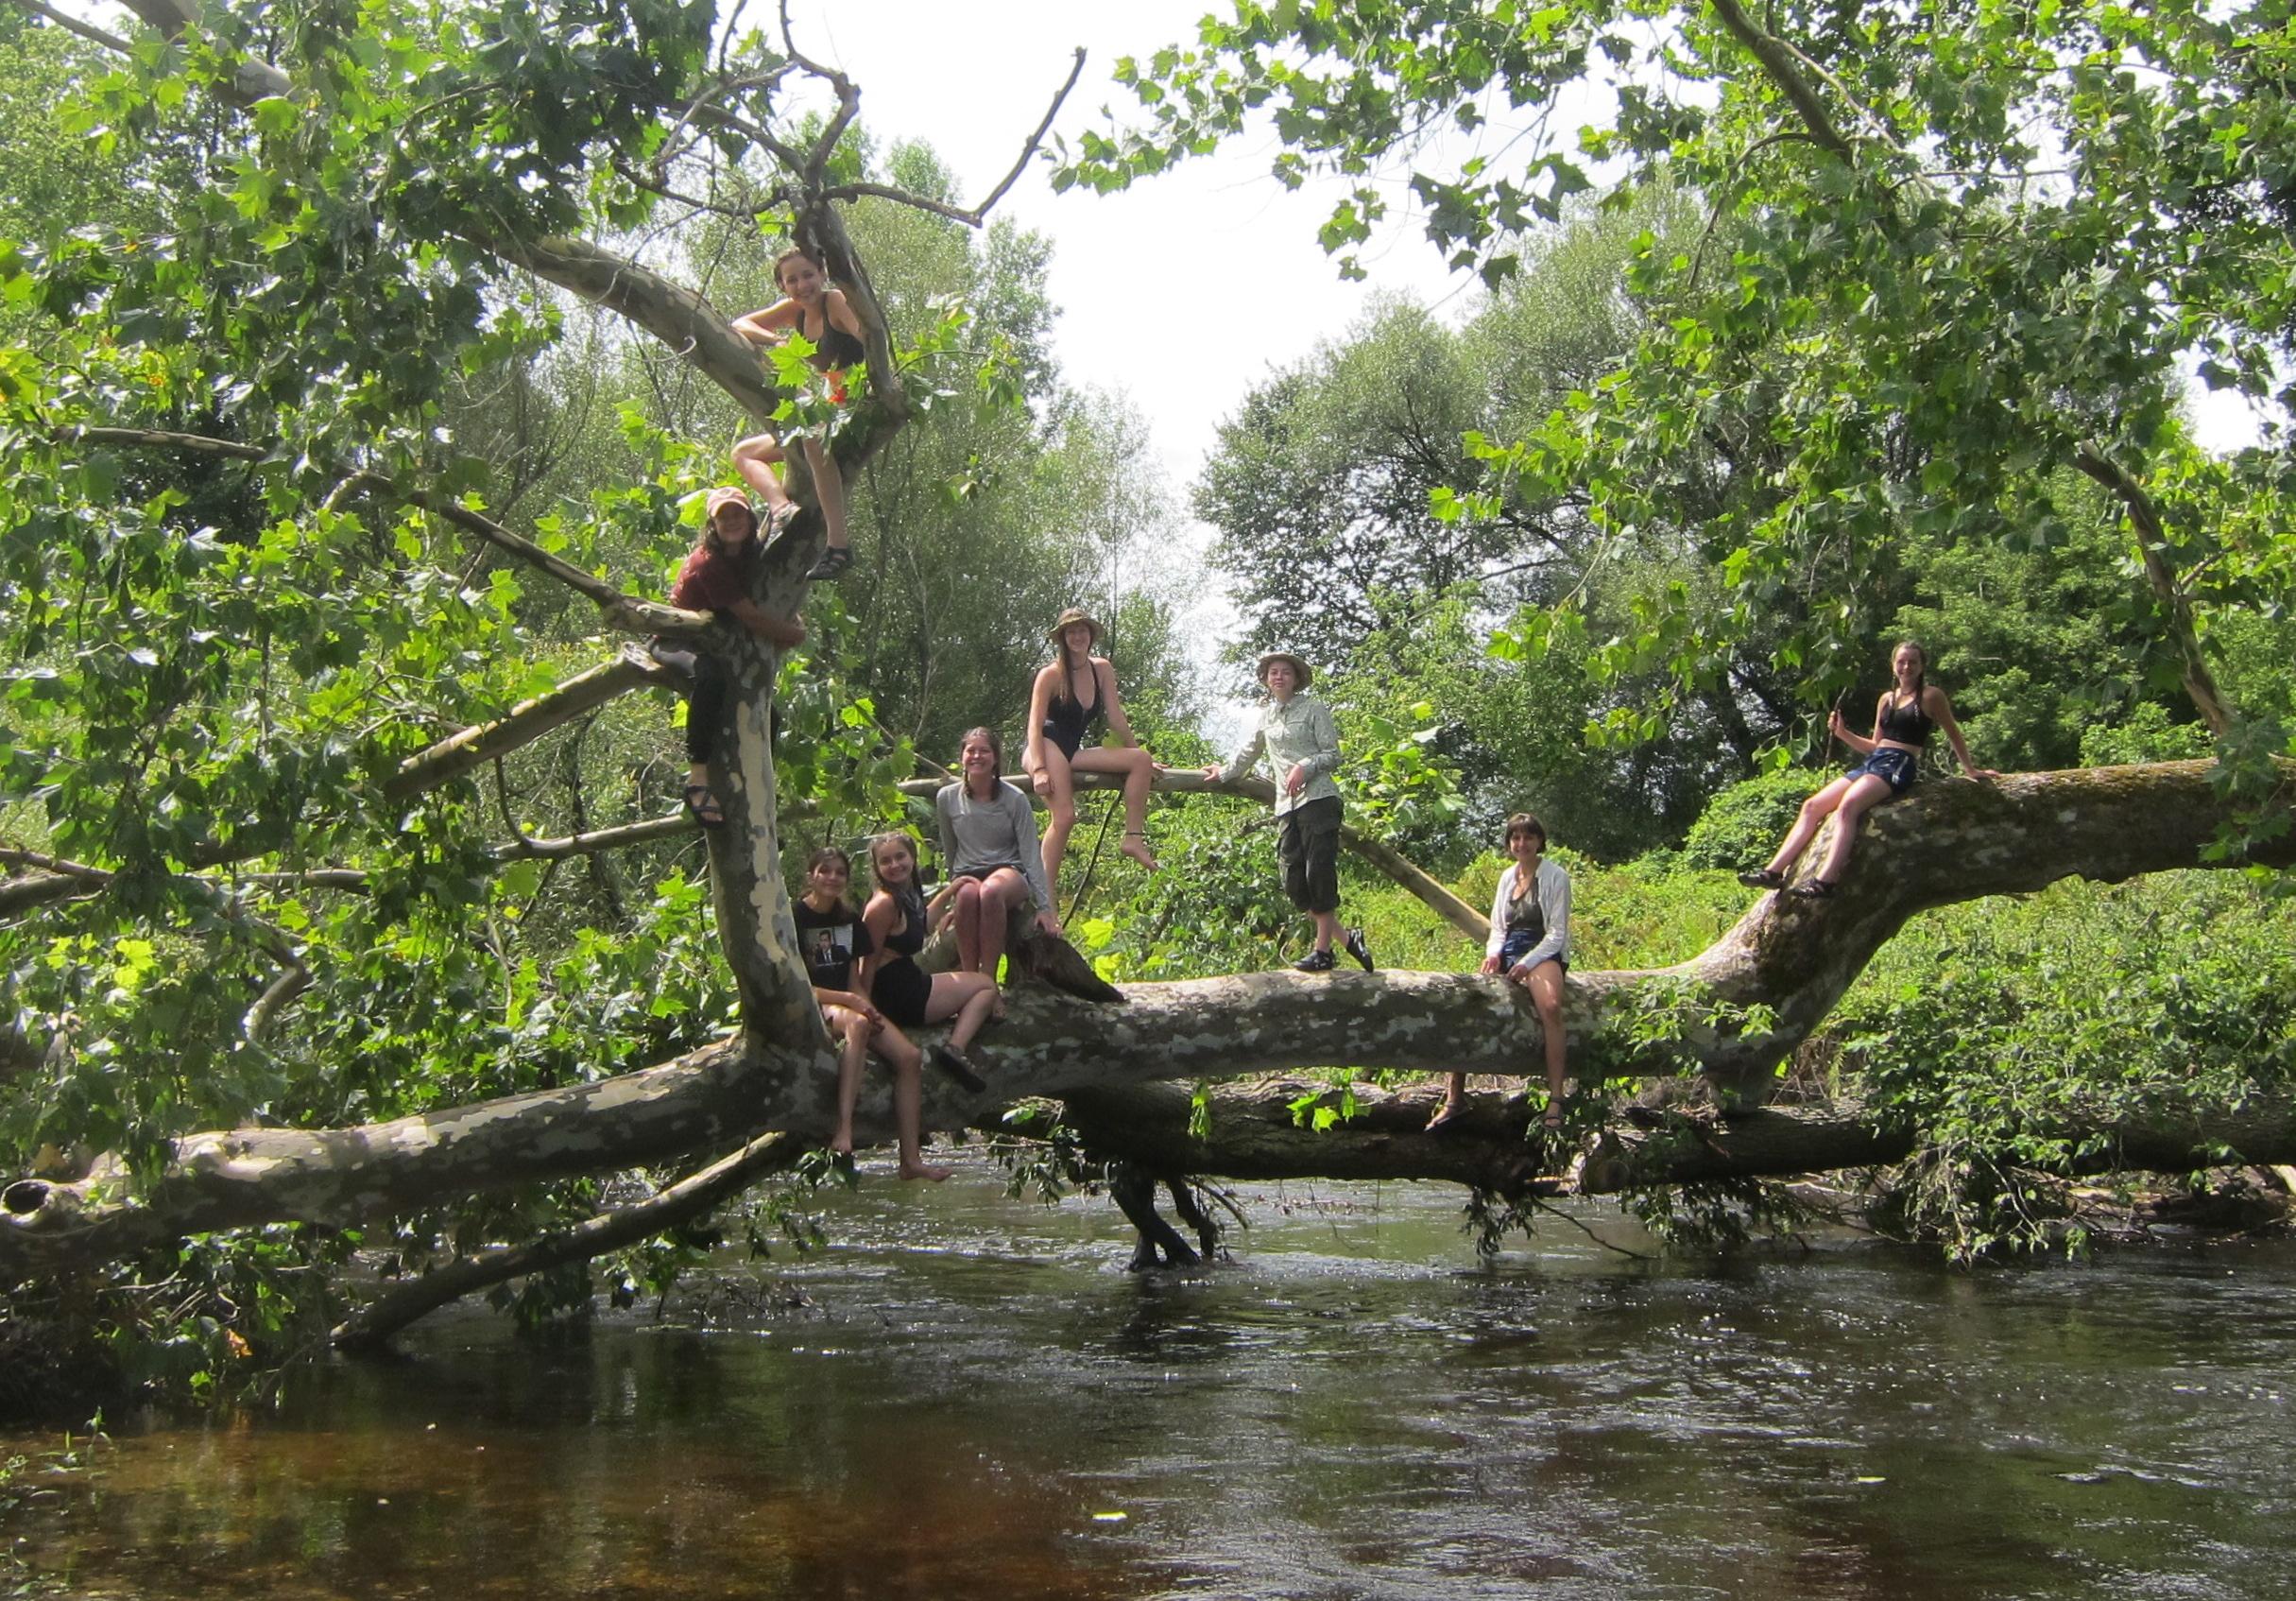 River Rascals